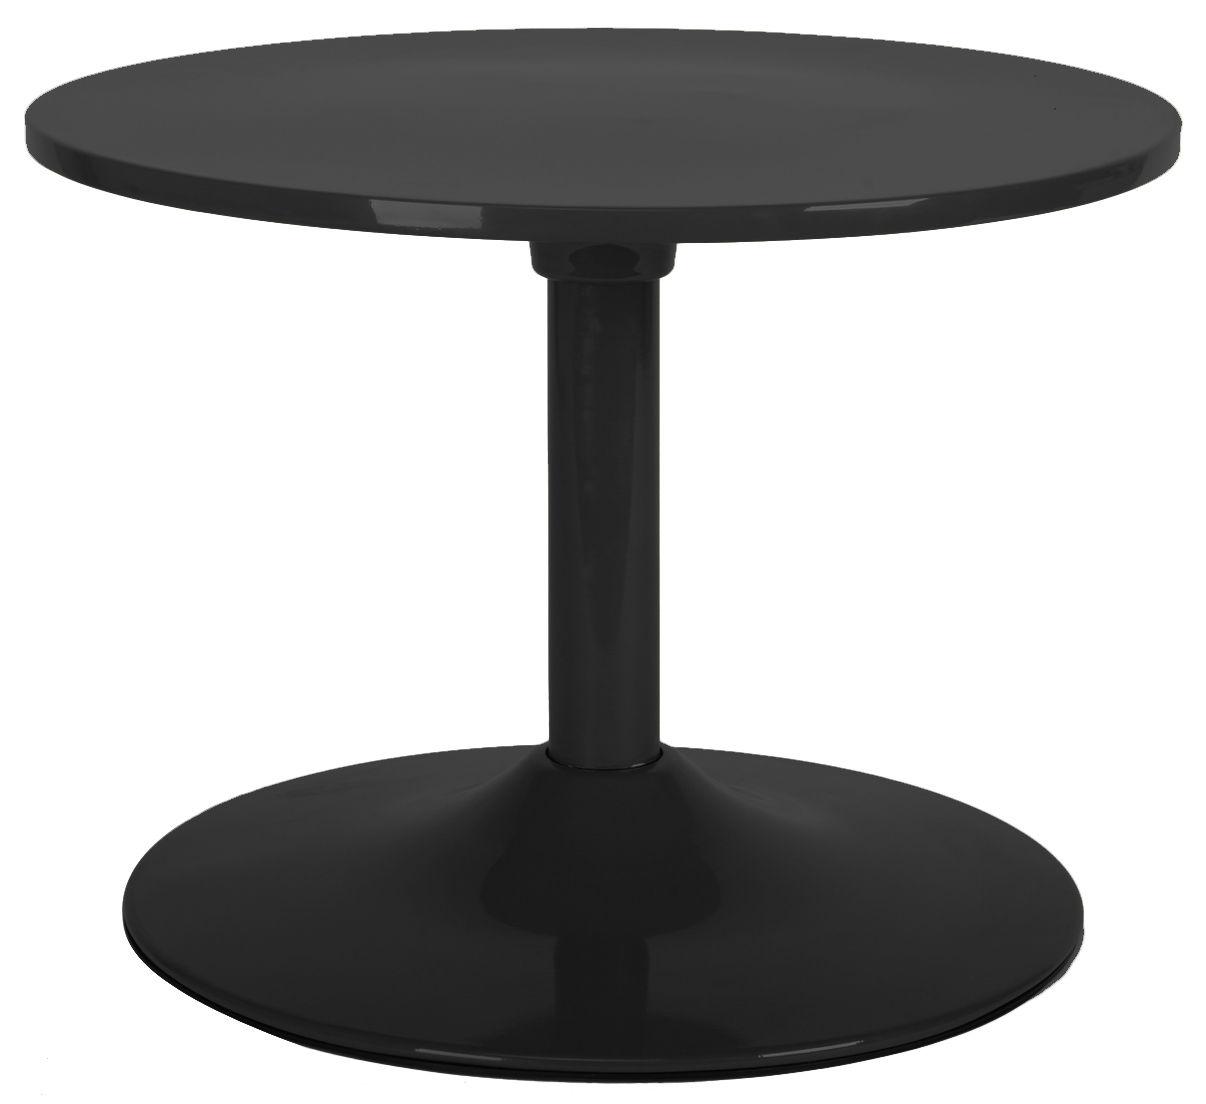 Arredamento - Tavolini  - Tavolino Ball table di XL Boom - Nero - ABS laccato